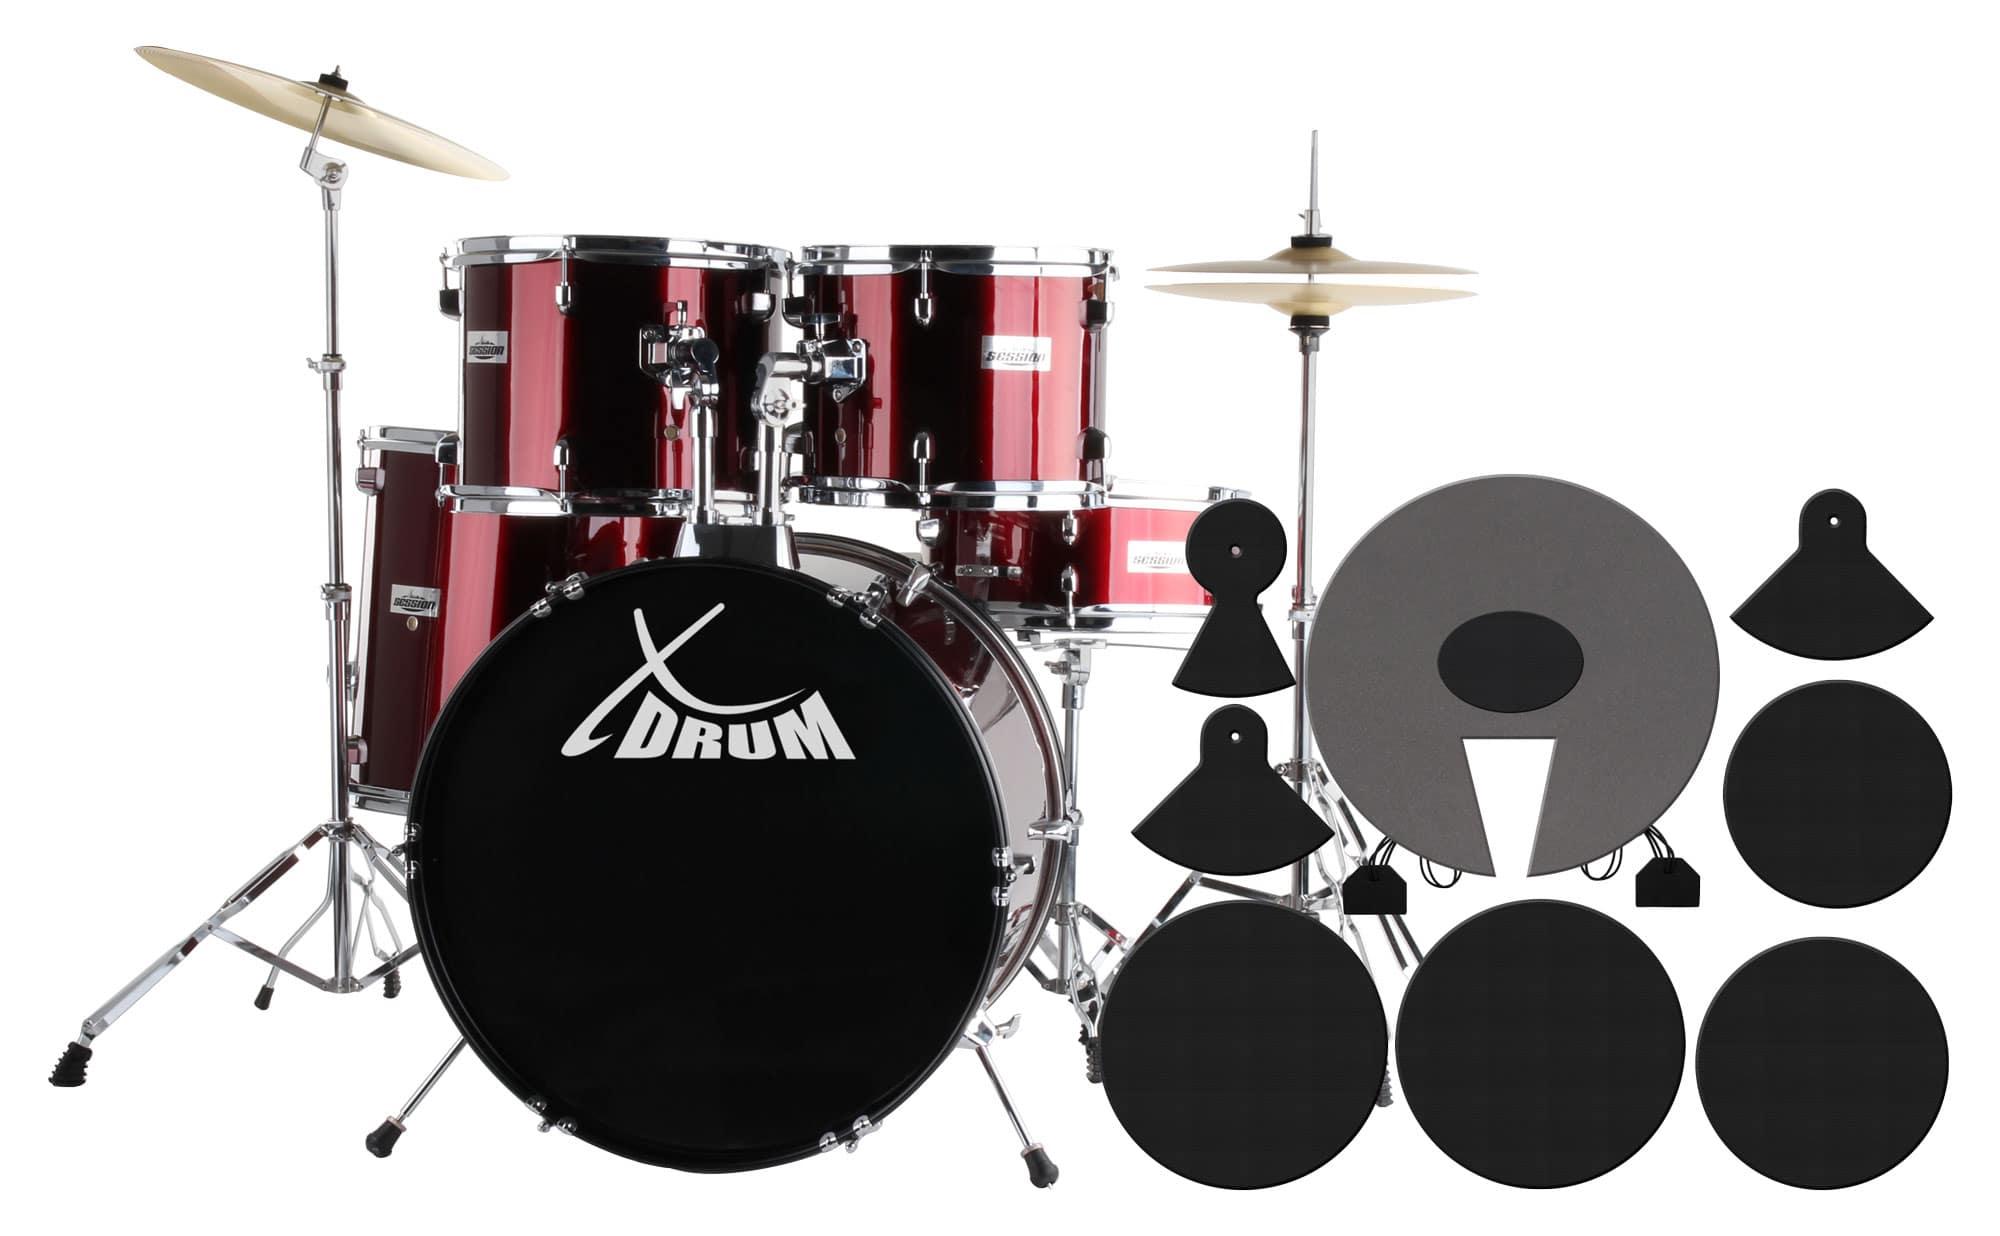 Top Schlagzeug Komplettset für einen problemlosen Einstieg